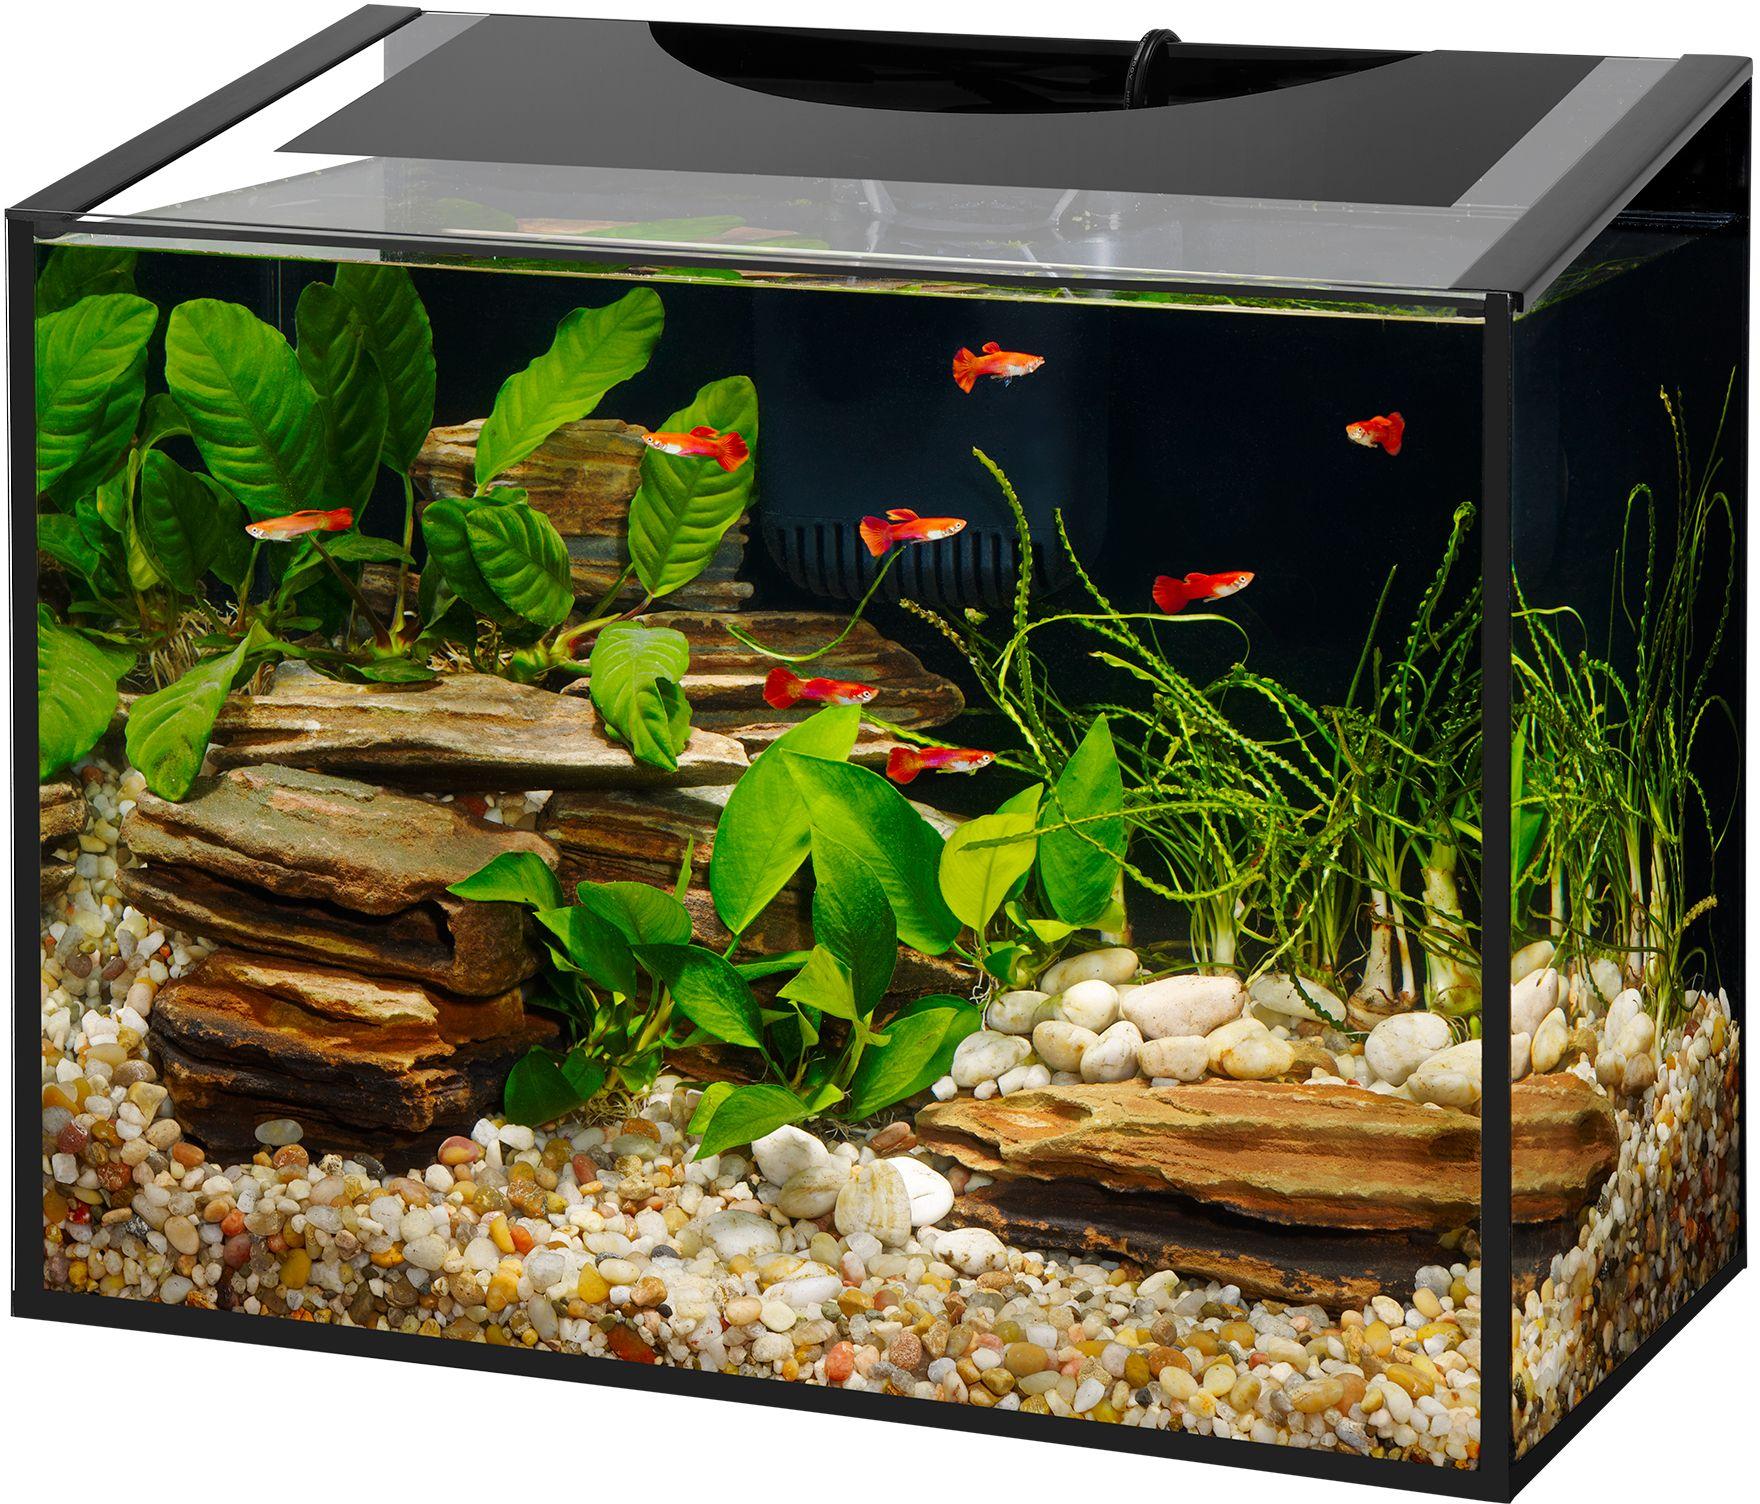 Aqueon Ascent LED Frameless Aquarium Kit 10 Gallon ... 10 Gallon Home Aquariums